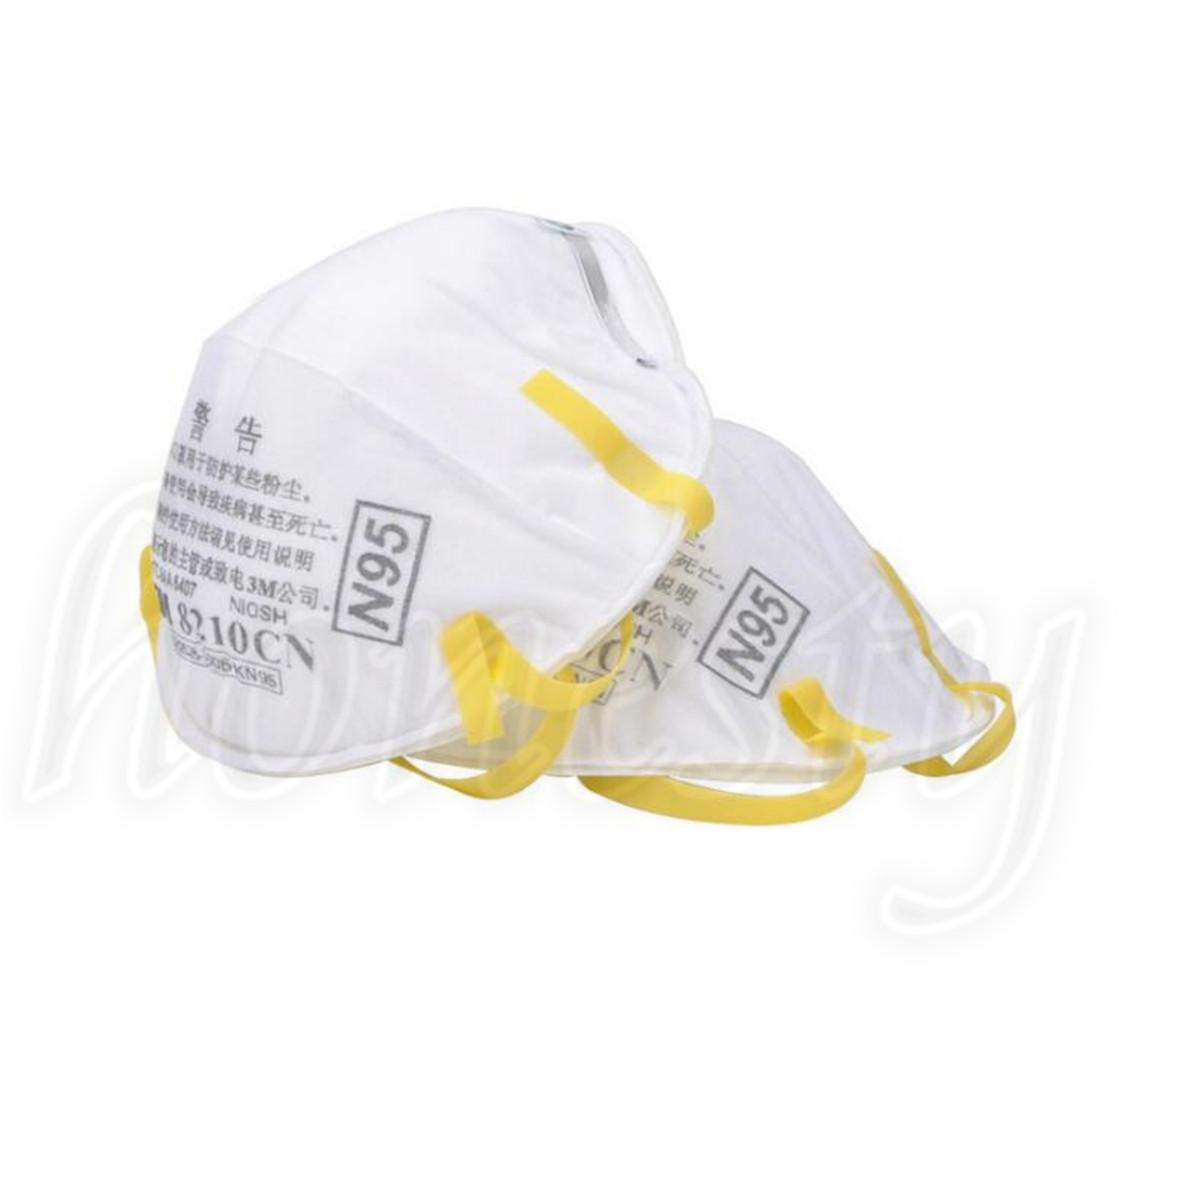 3m respirator mask 8210 n95 2 masks